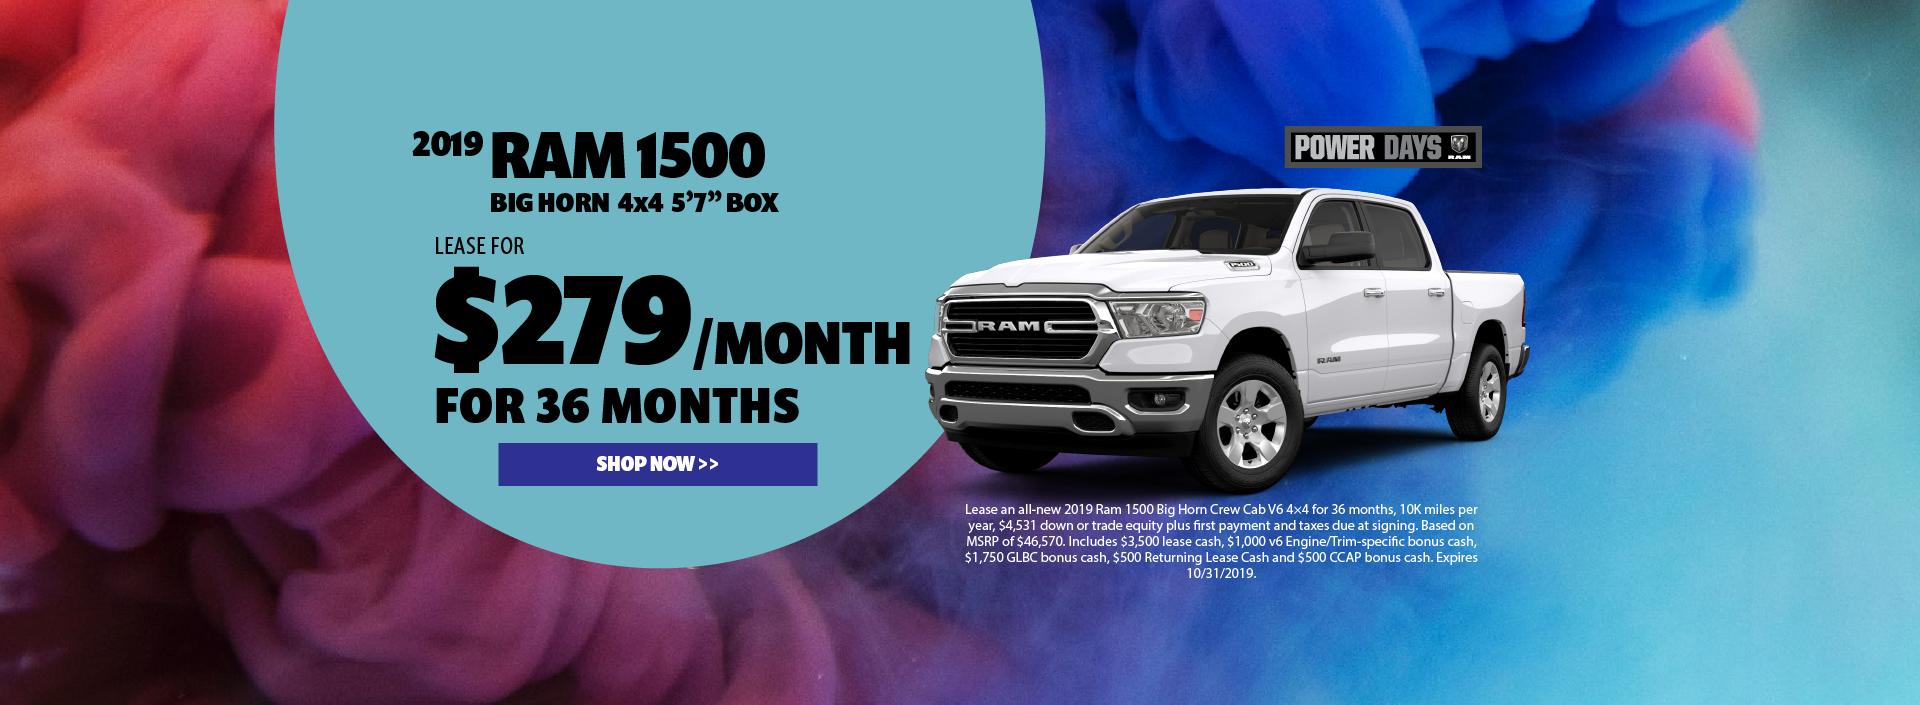 2019 Ram 1500 Lease Offer